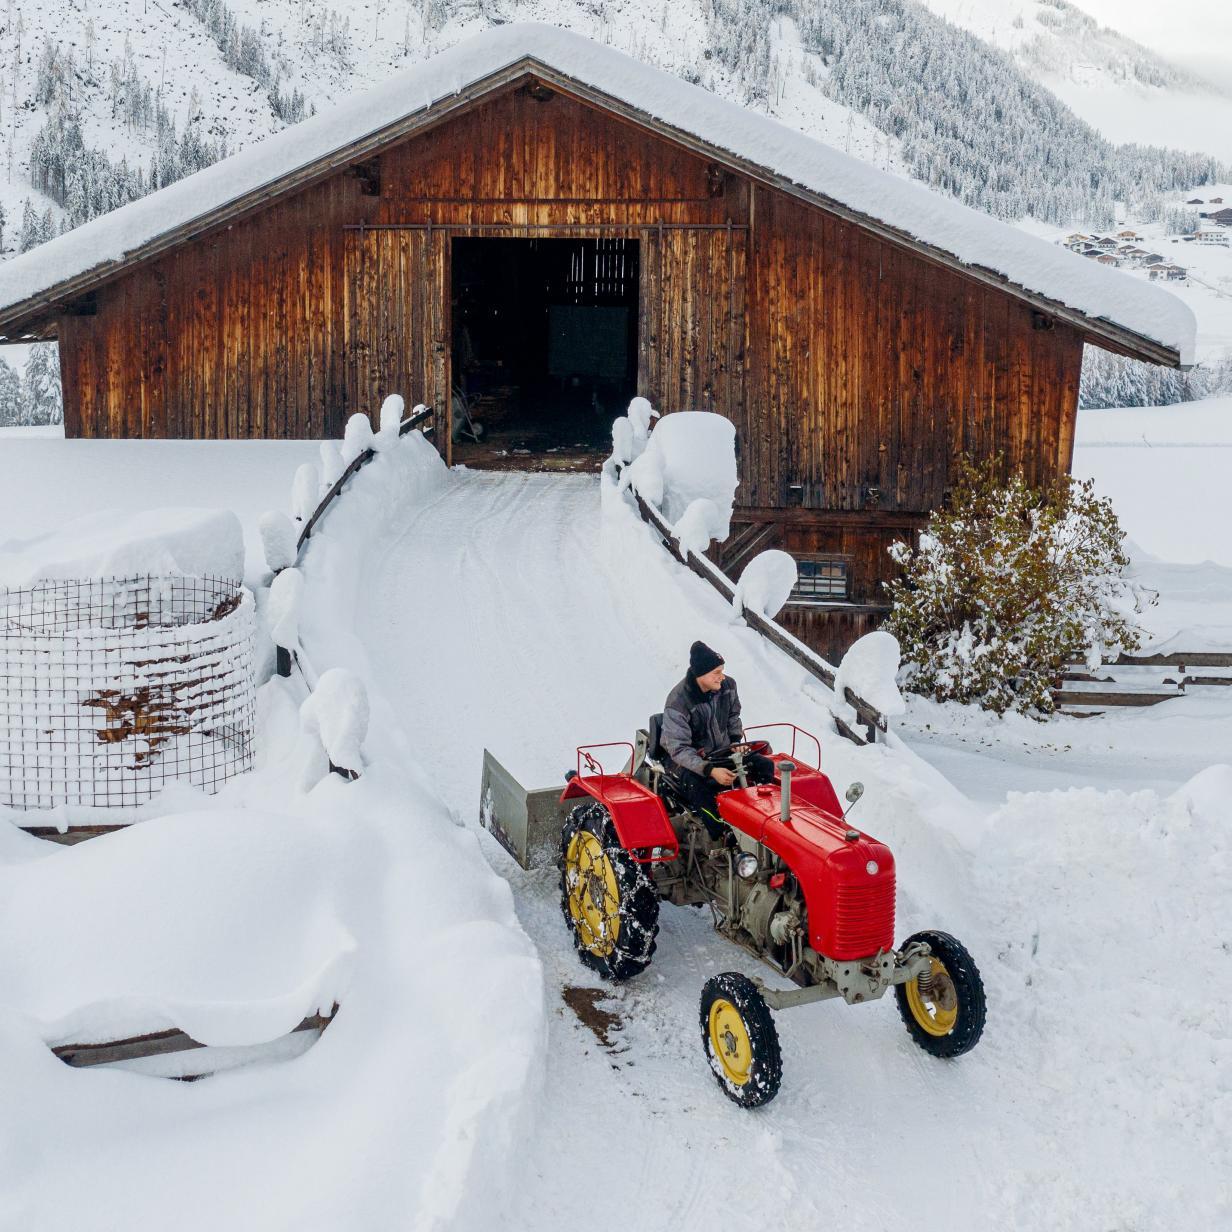 Keine Entspannung: Nächste Regen- und Schneefront angekündigt